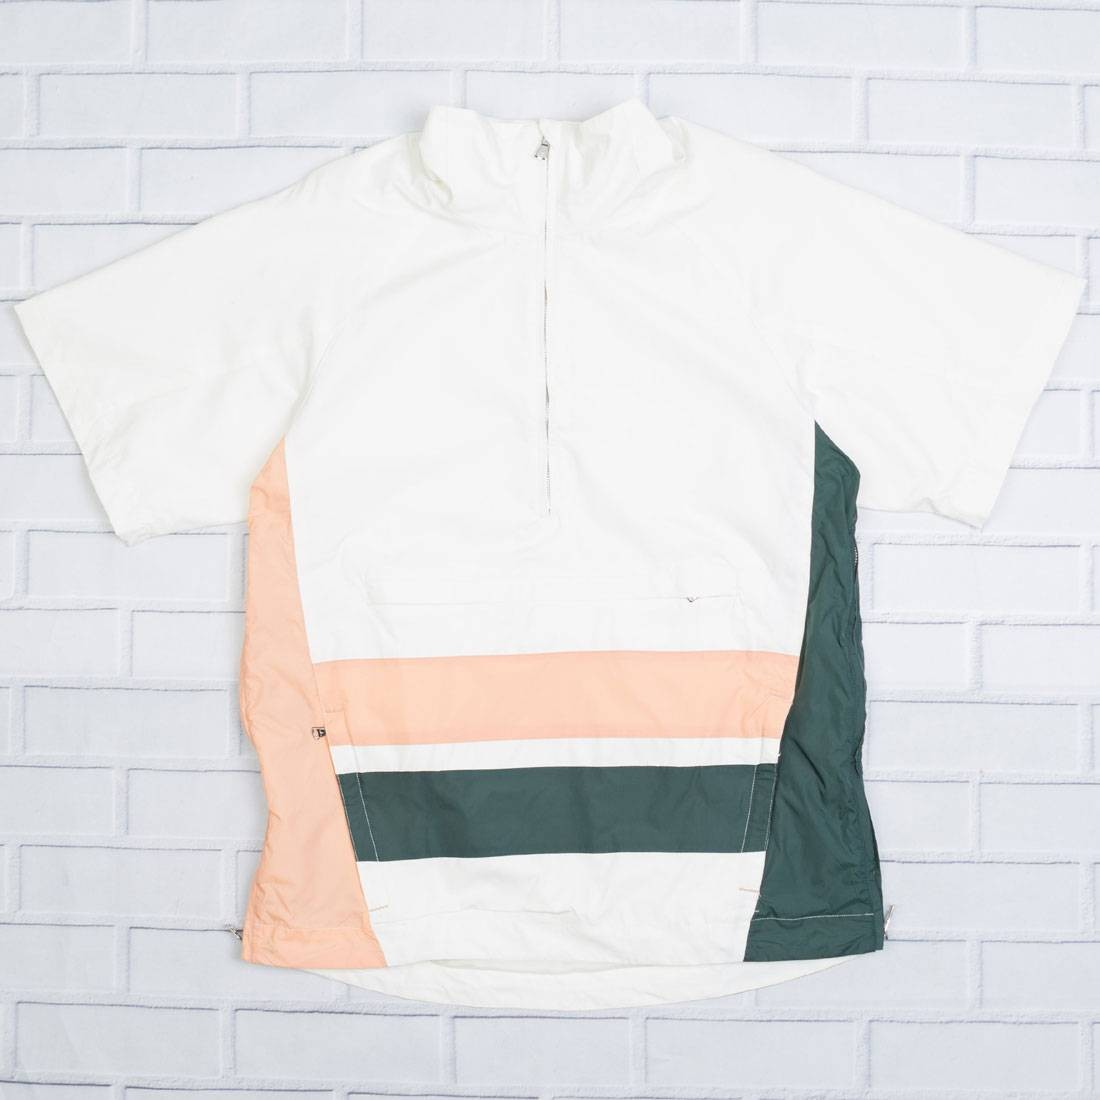 スリーブ ピンク 白 ホワイト 緑 グリーン 【 SLEEVE PINK WHITE GREEN LIFTED ANCHORS MEN ELLIOT SHORT TOP 】 メンズファッション トップス カジュアルシャツ